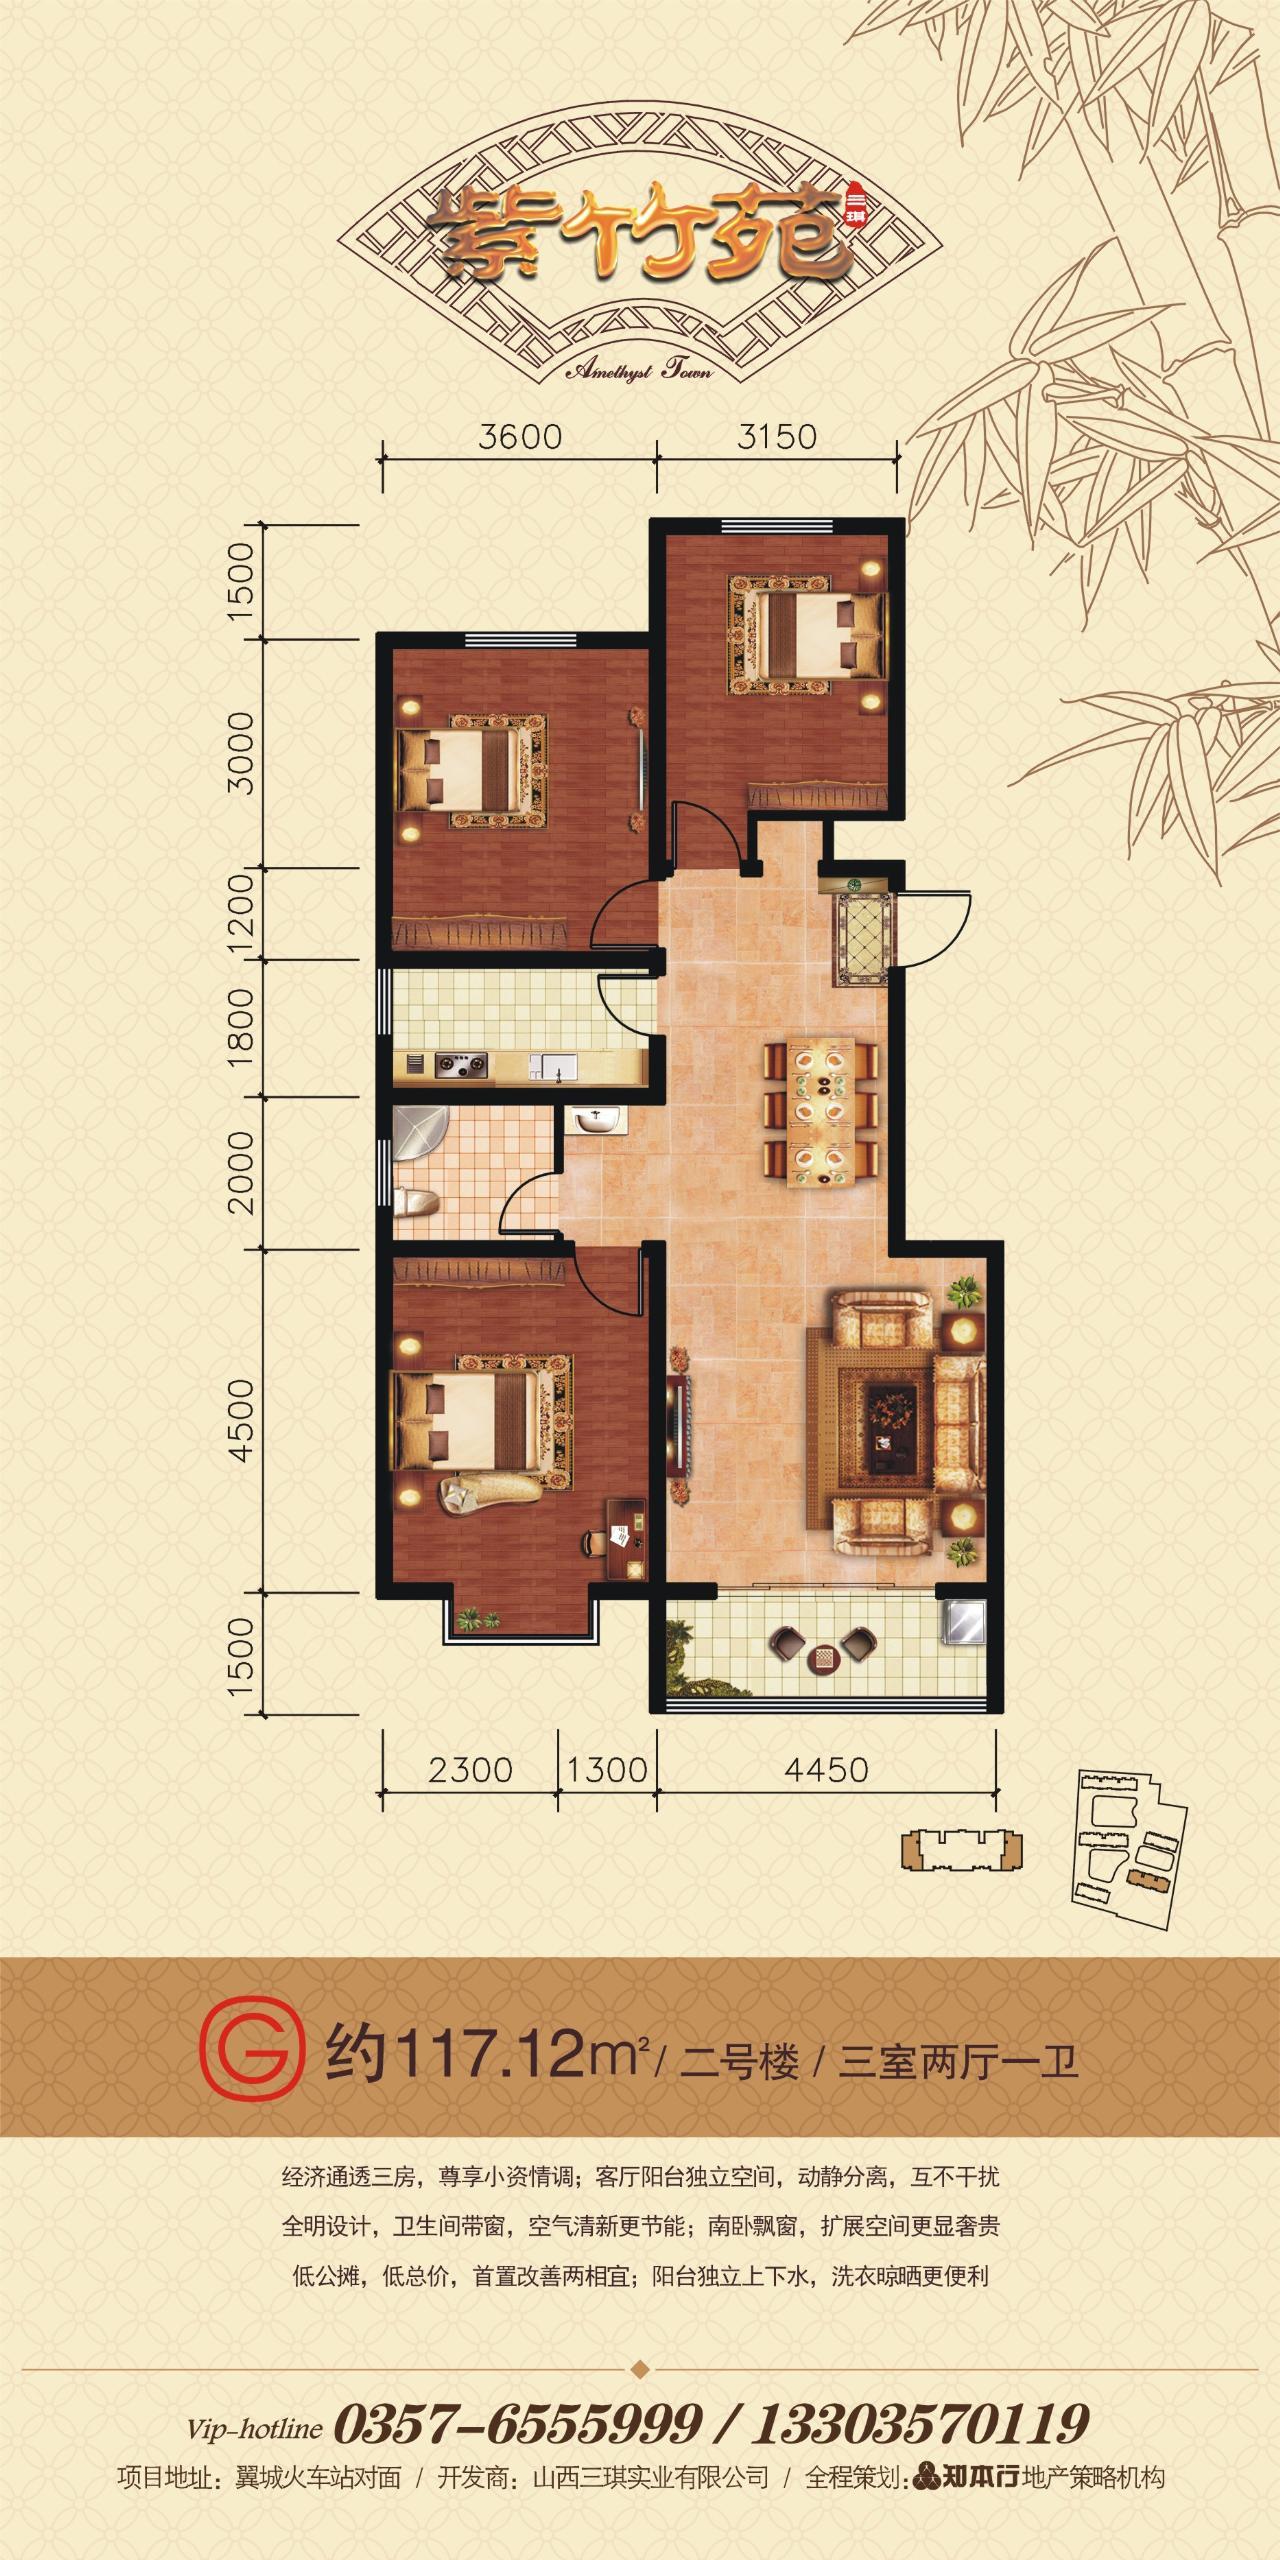 紫竹苑楼盘规划图|户型图|实景图|样板间-翼城在线